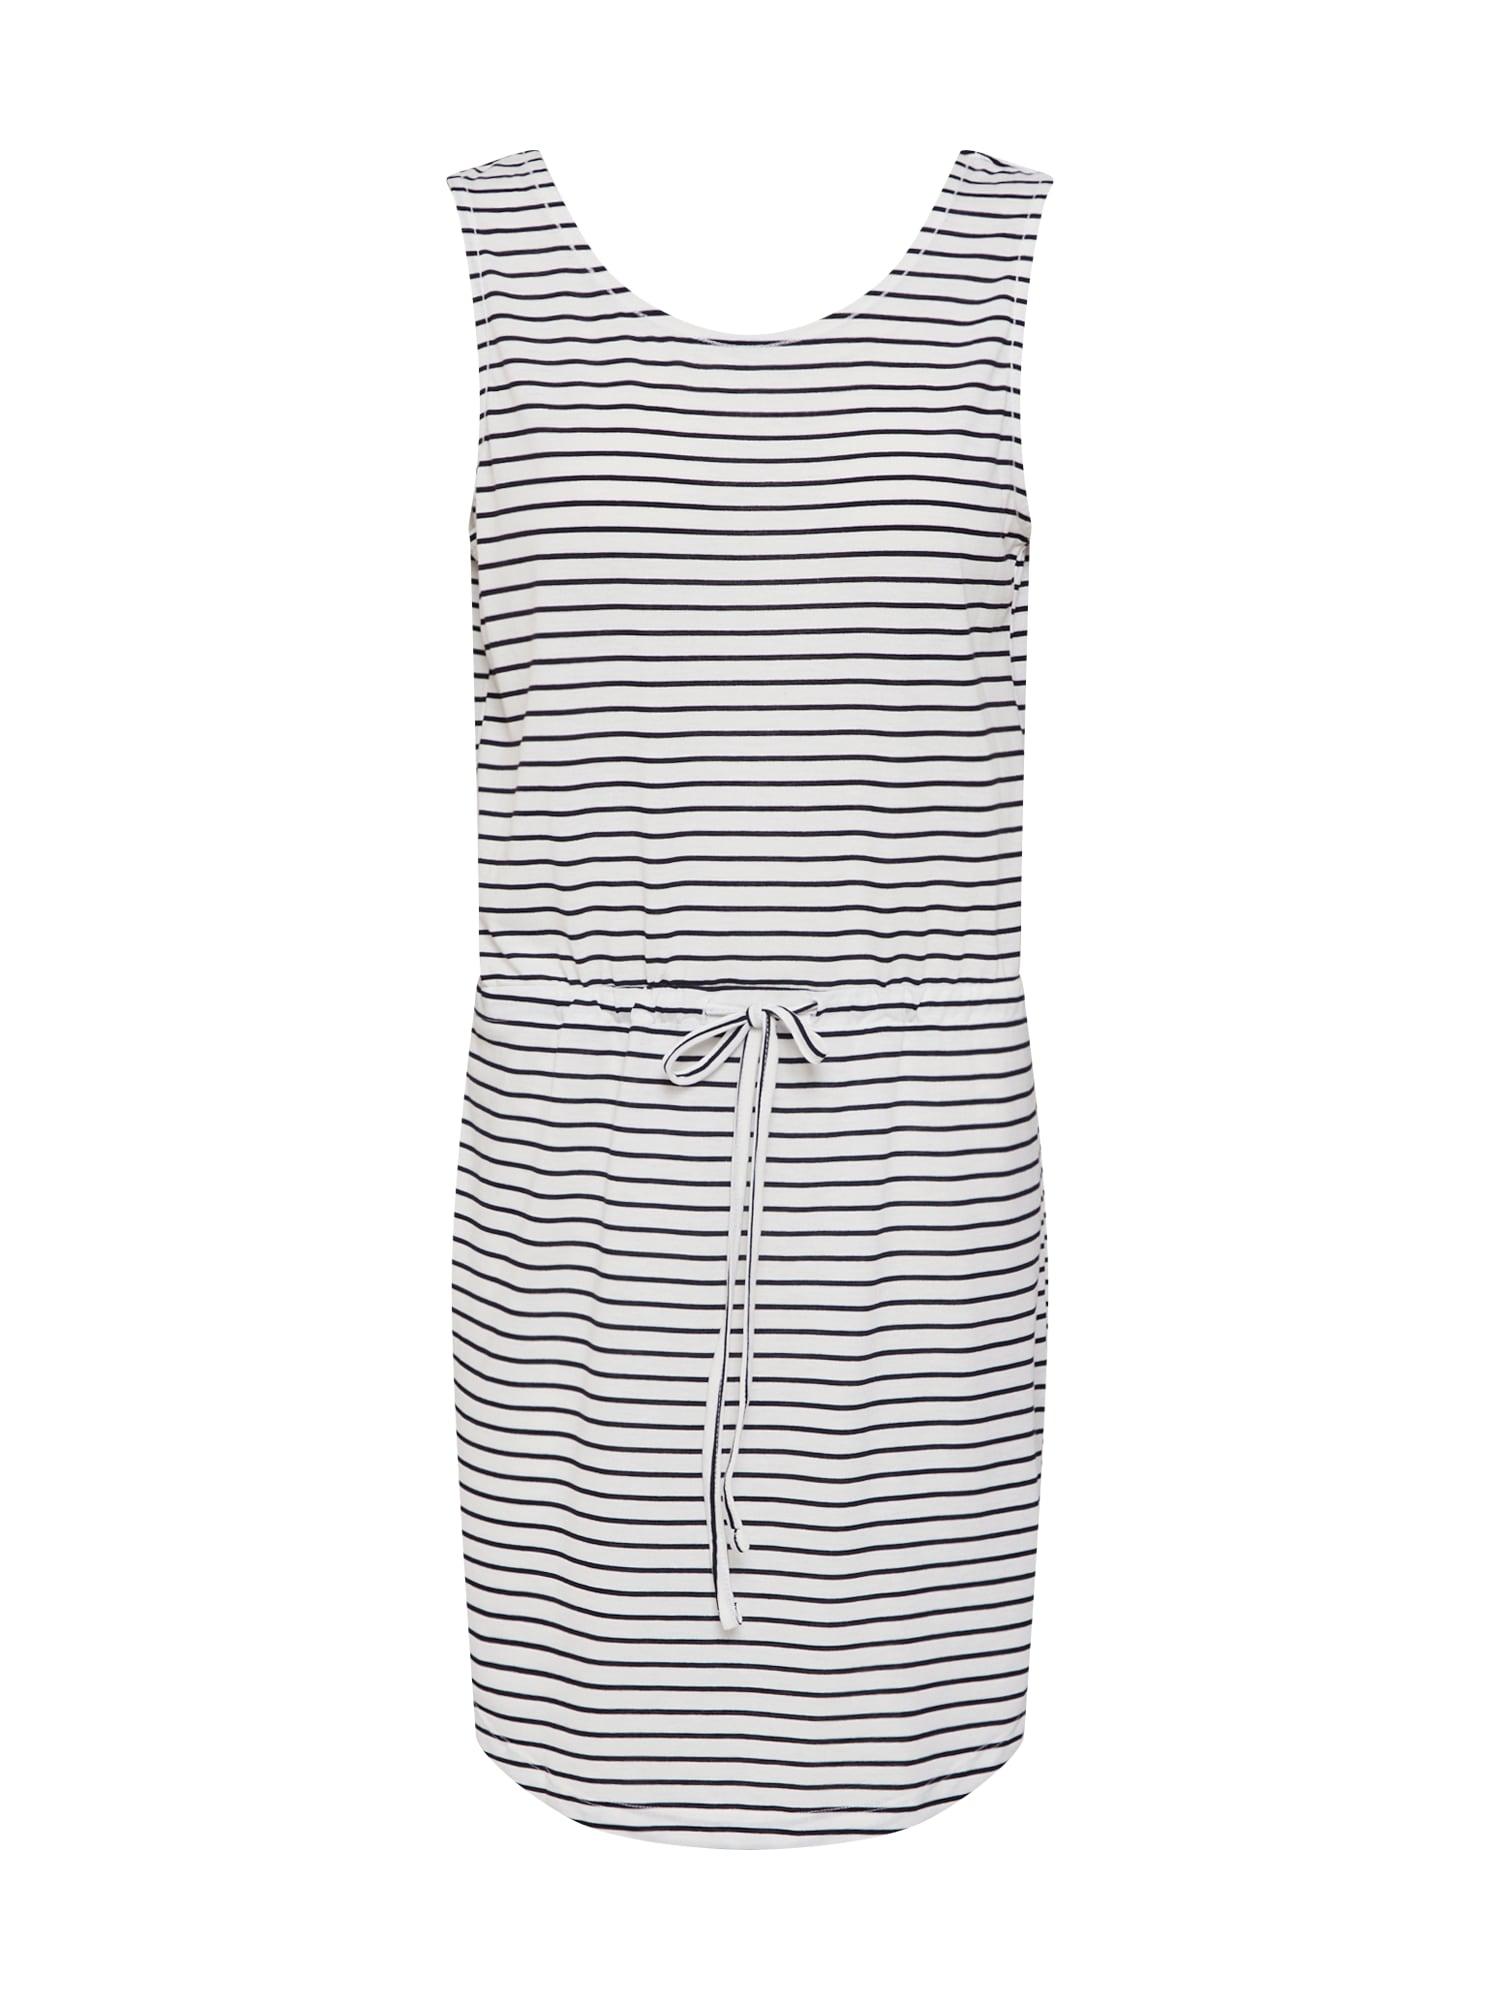 Plážové šaty BATISTA černá bílá PIECES